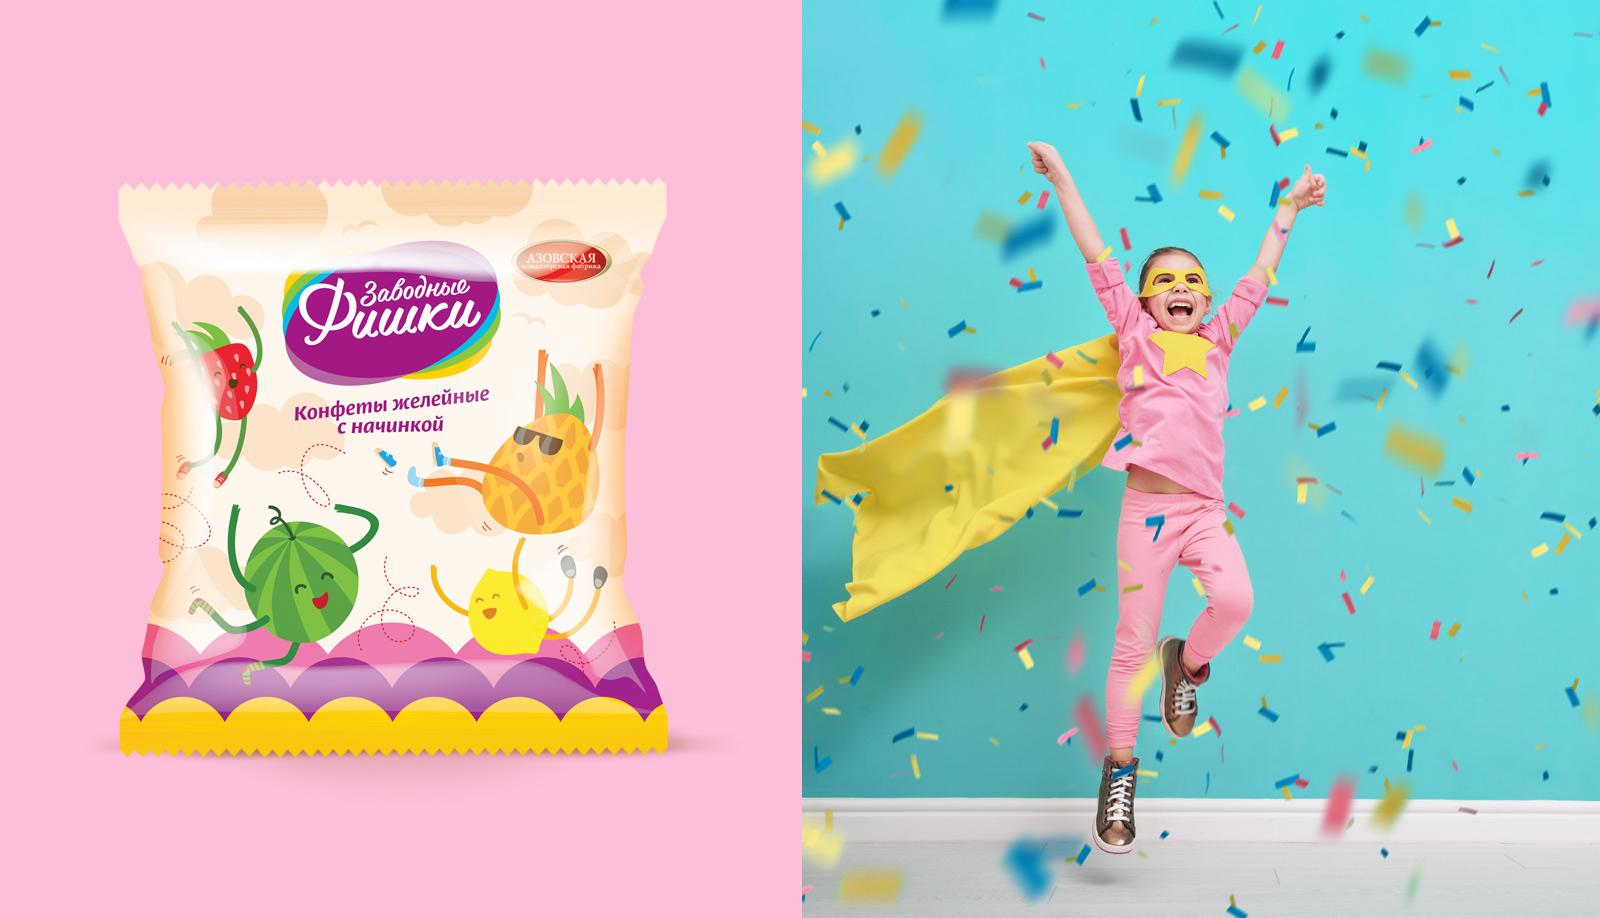 Разработка бренда «Заводные фишки» «Заводные фишки» — конфеты с нежной желейной начинкой.  В рамках проекта разработаны нейминг, дизайн логотипа и дизайн упаковки.